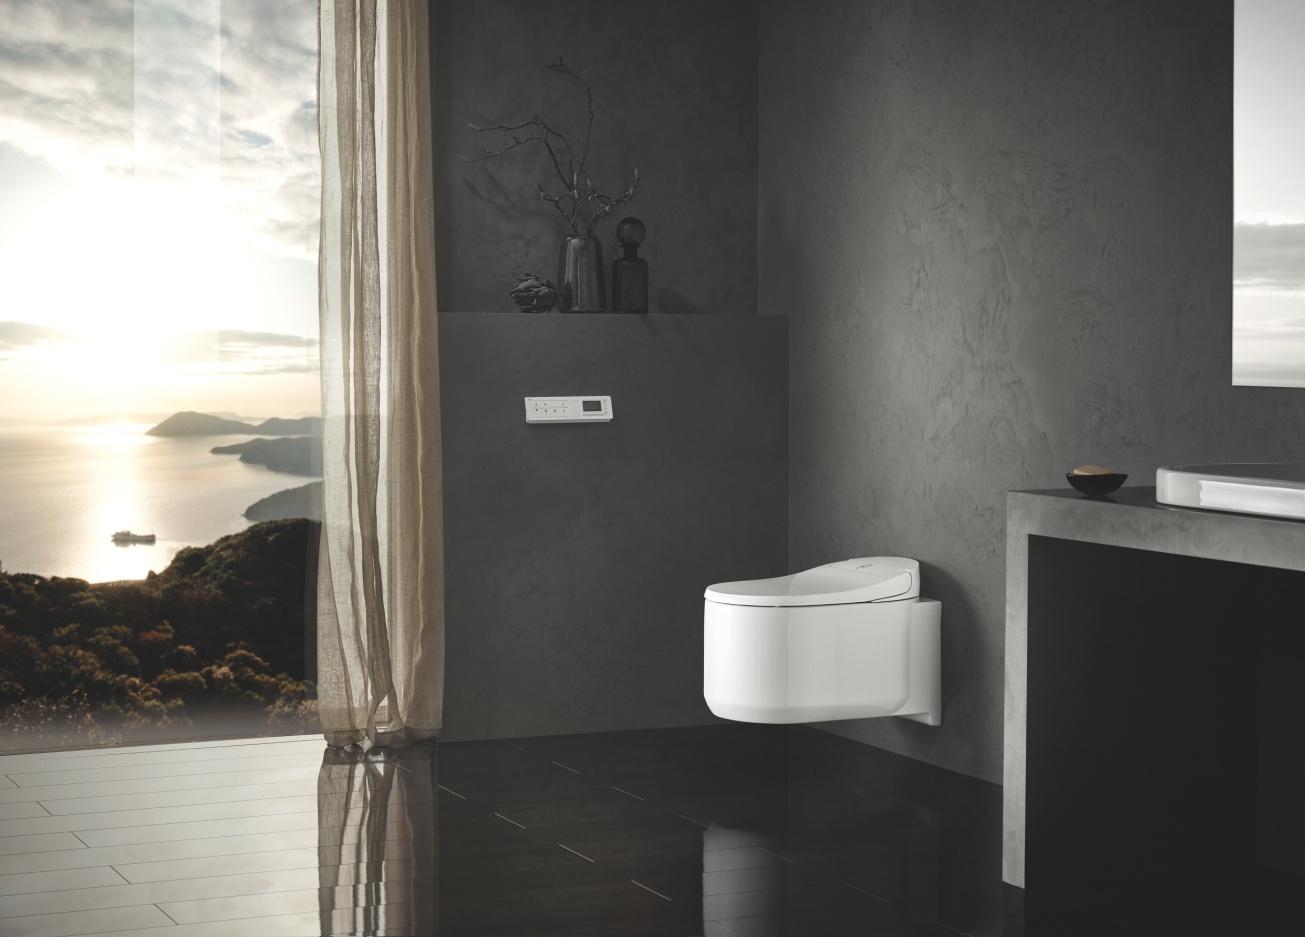 Ciemna łazienka z białą toaletą zamontowaną na systemie podtynkowym oraz dużym oknem z widokiem na jezioro